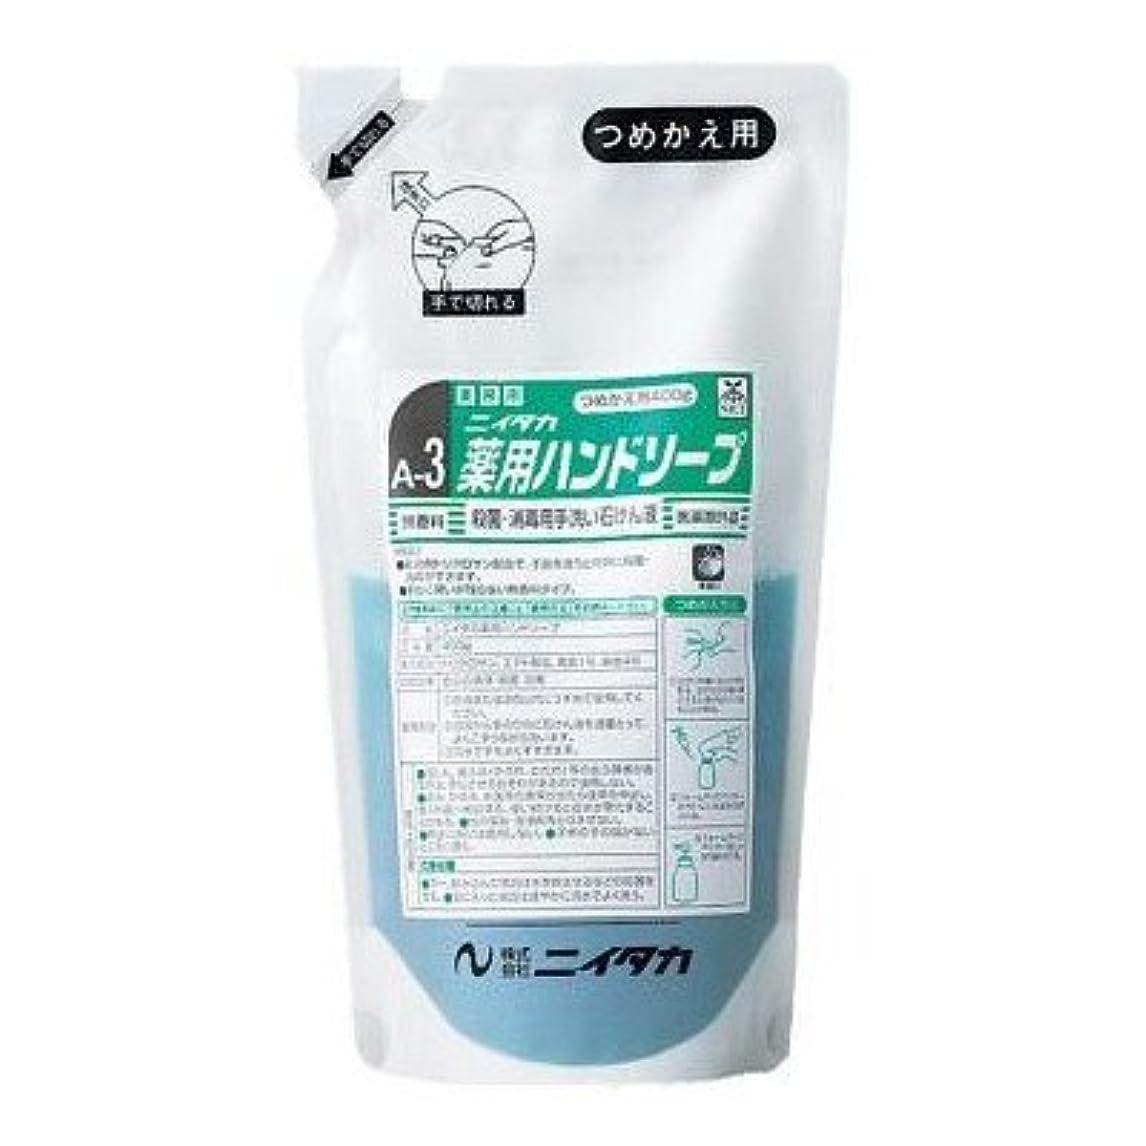 の頭の上請求書意気消沈したニイタカ 業務用手洗い石けん液 薬用ハンドソープ(A-3) 400g×6本